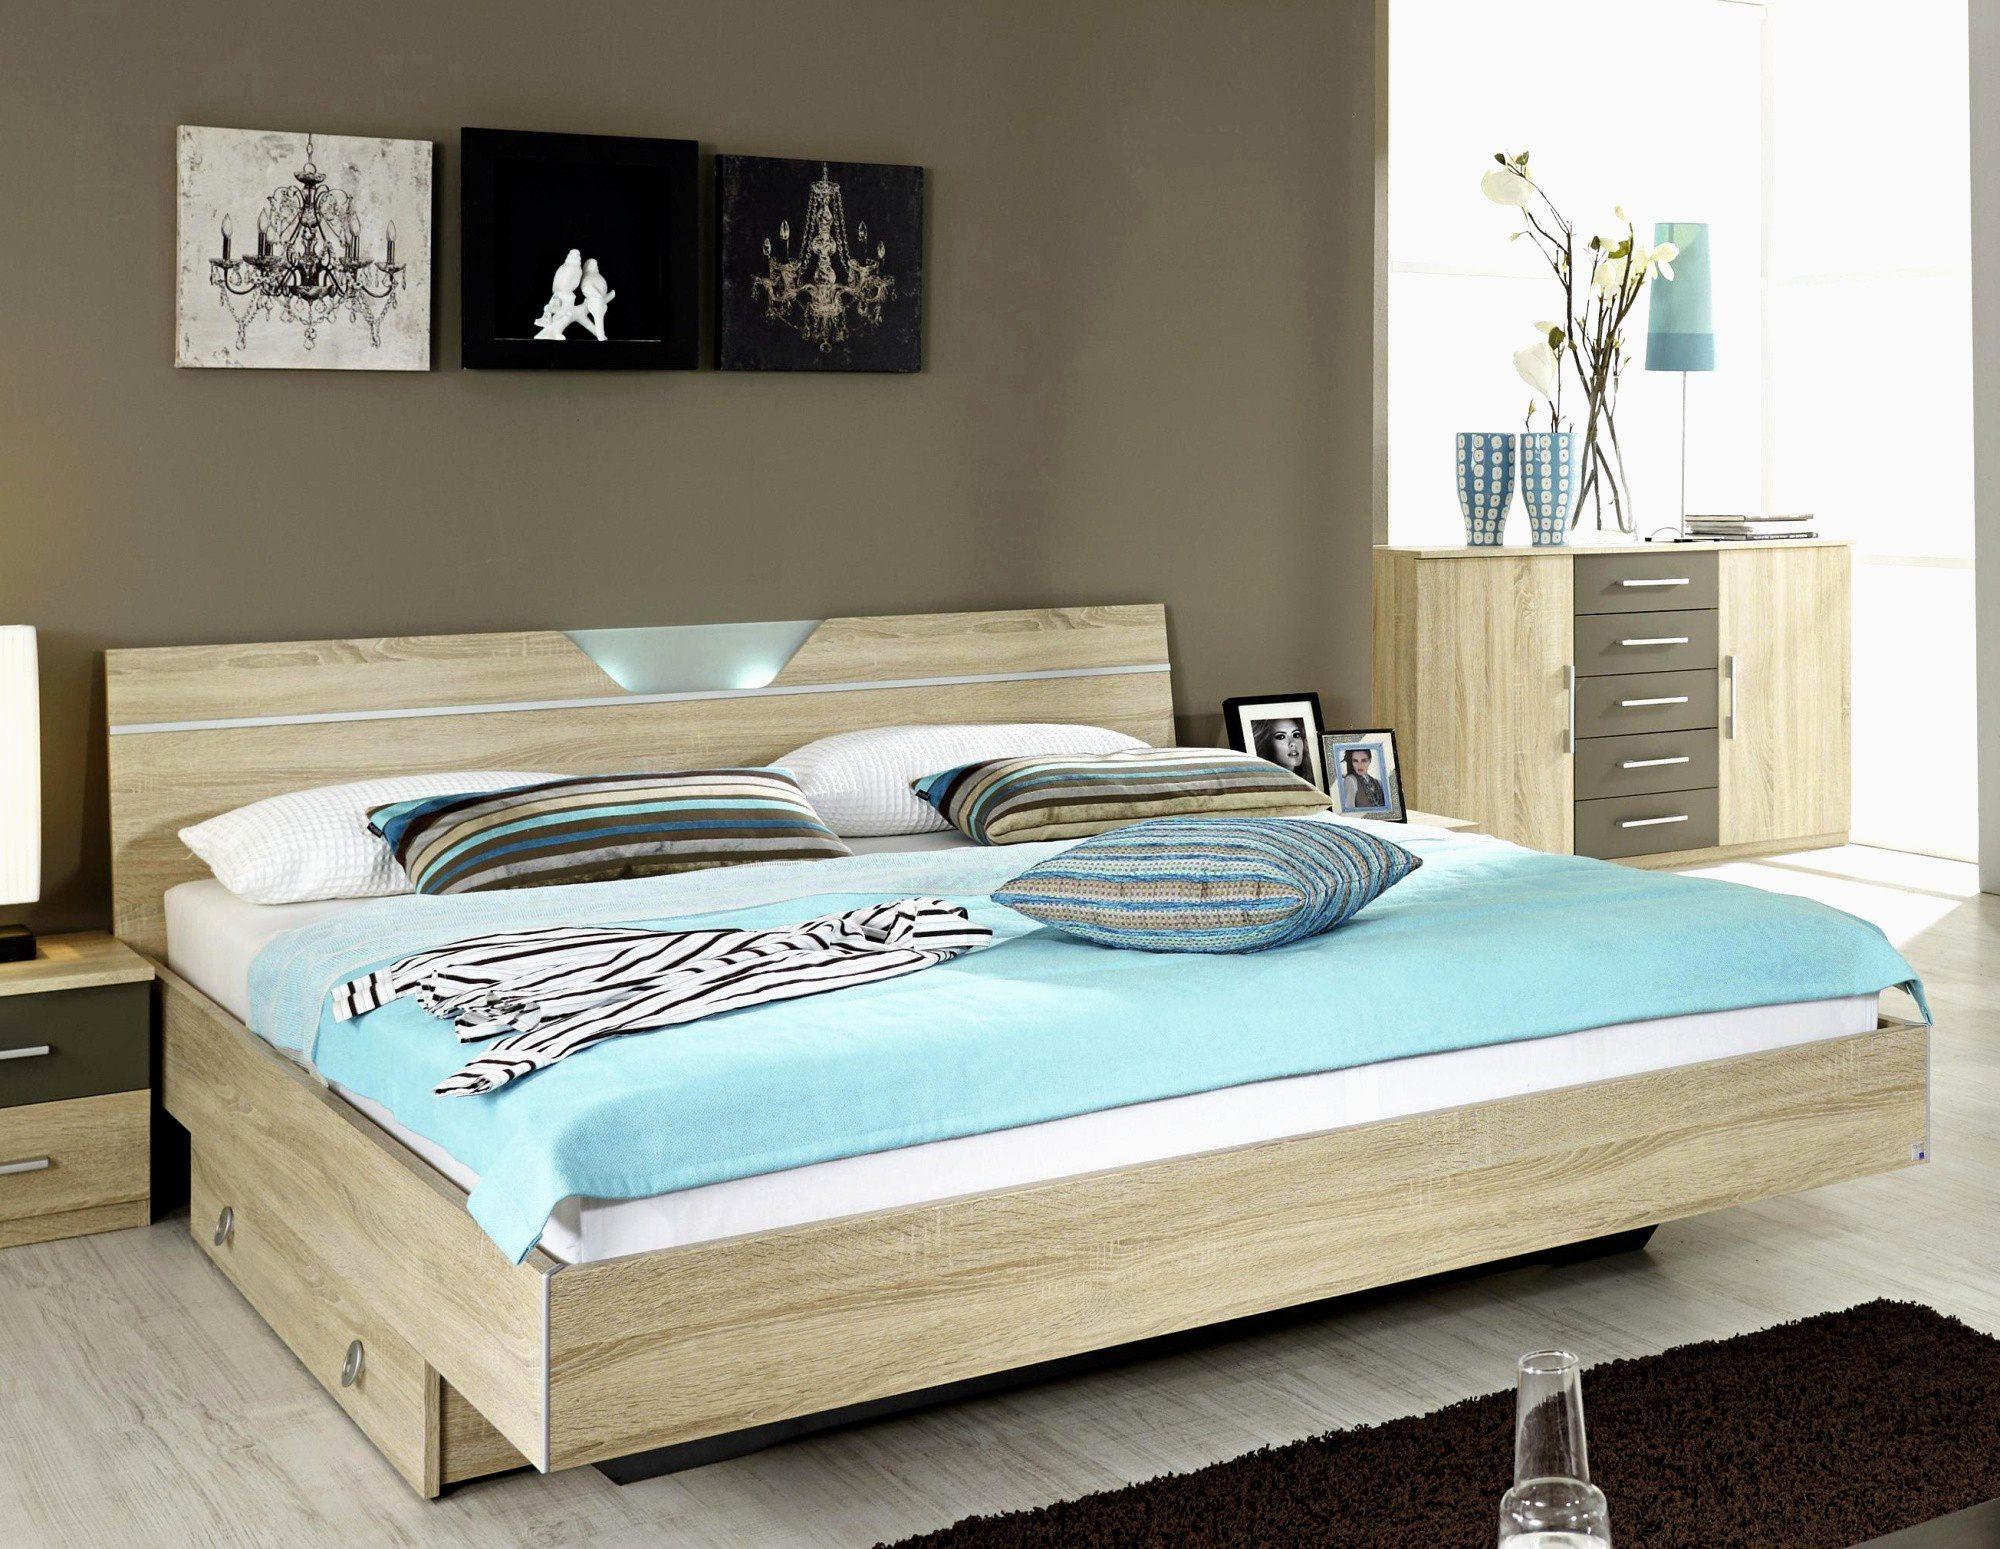 Tete De Lit 160 Design De Luxe Tete De Lit 160 Bois sove Tete De Lit Grise 160 — sovedis Aquatabs